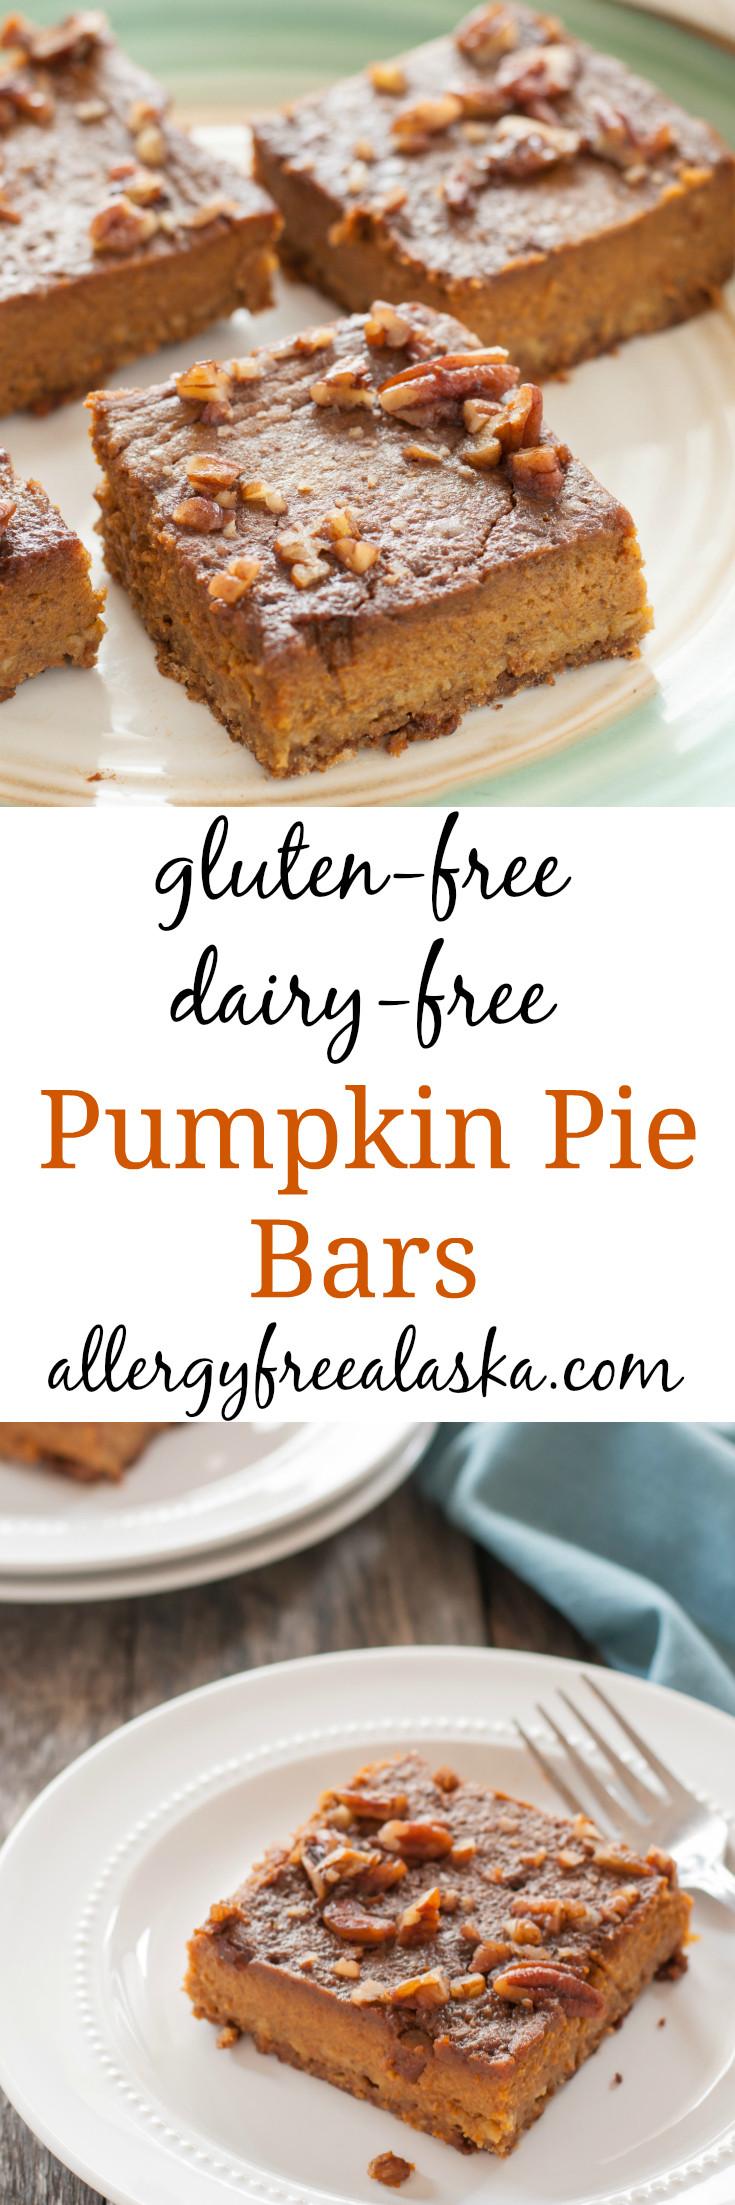 Dairy Free Pumpkin Recipes  gluten free dairy free pumpkin pie bar recipe from allergy